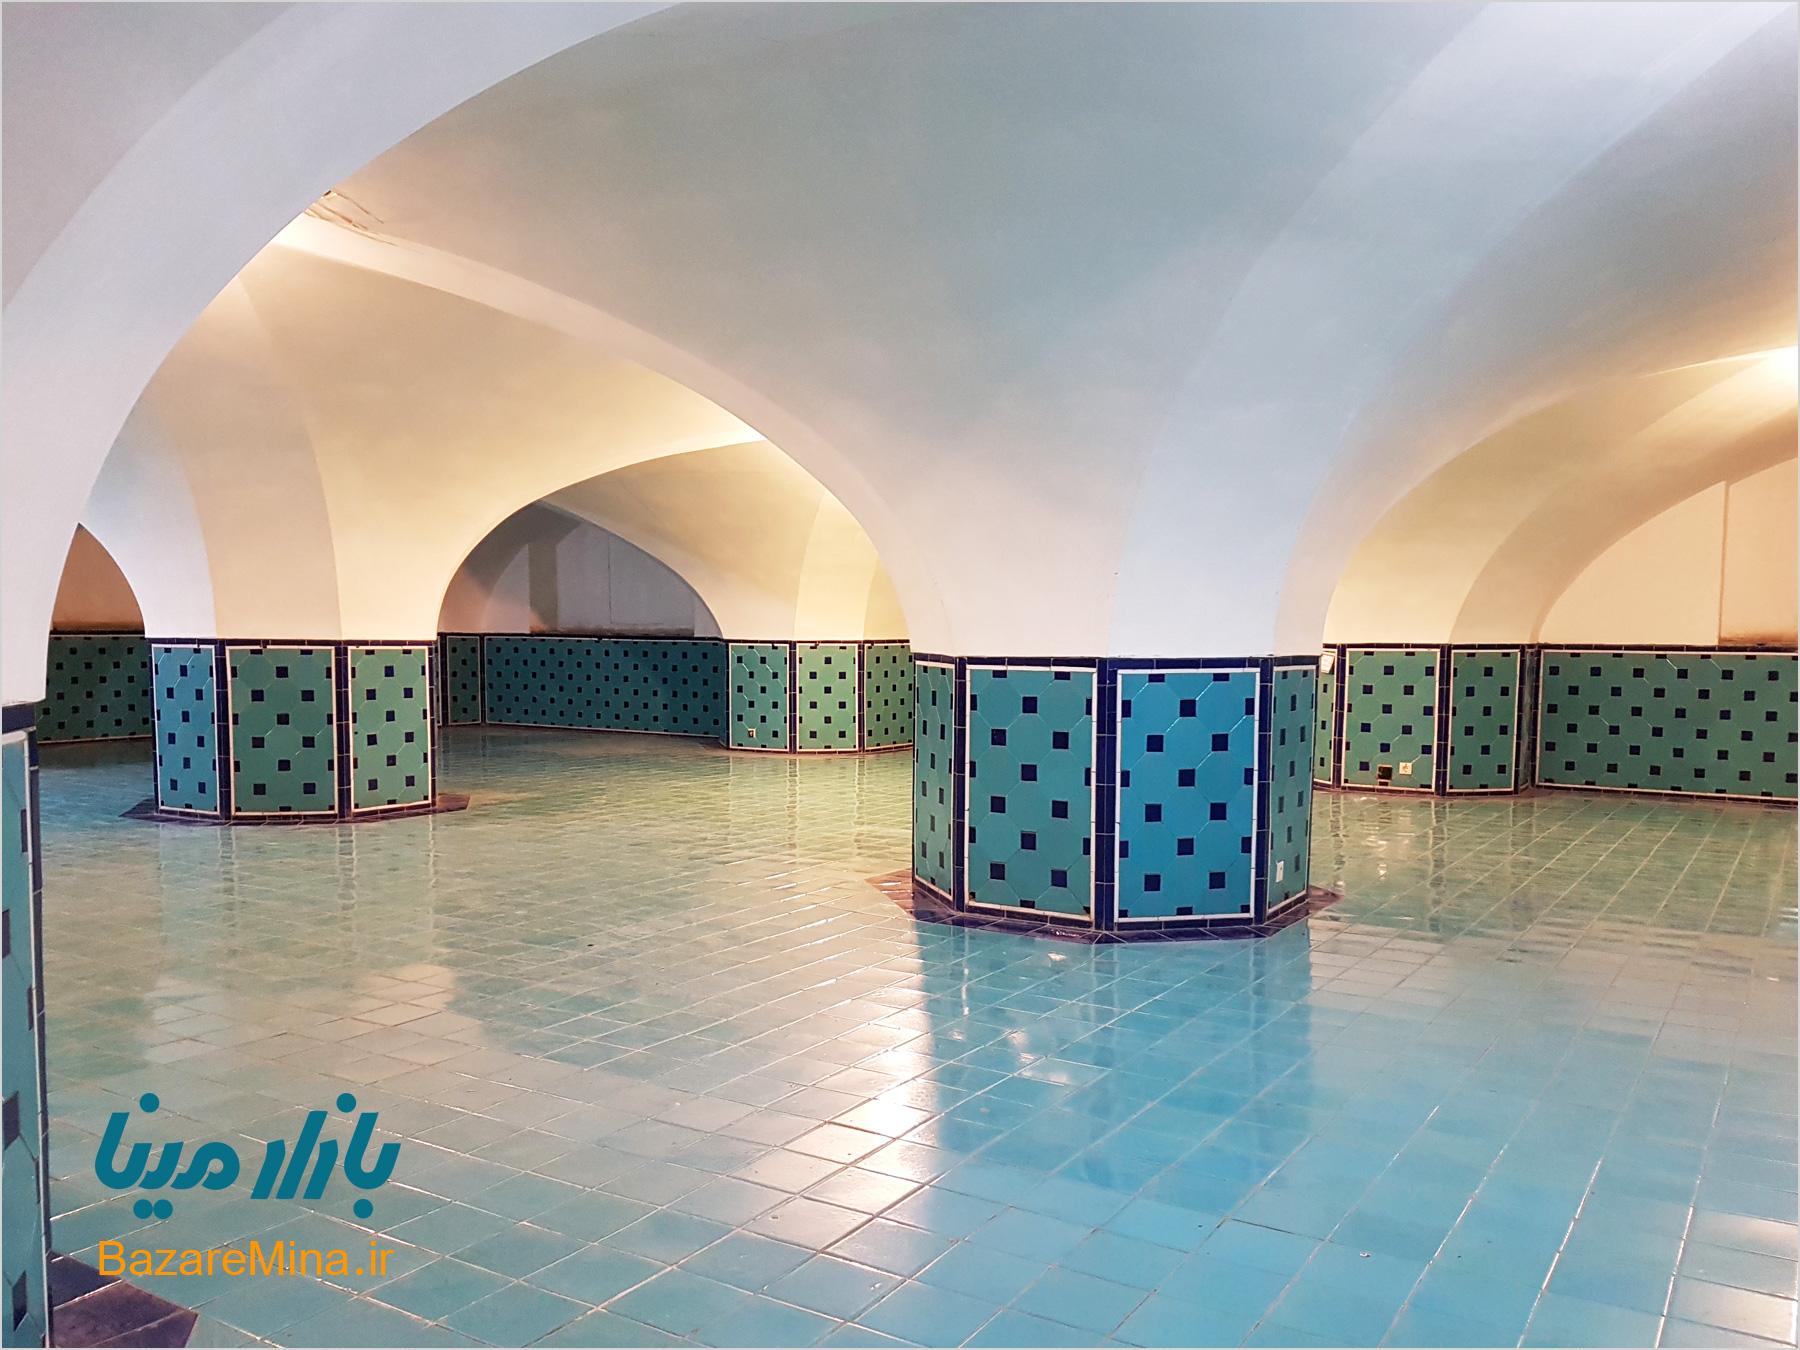 مسجد شیخ لطف الله اصفهانمسجد شیخ لطف الله اصفهان